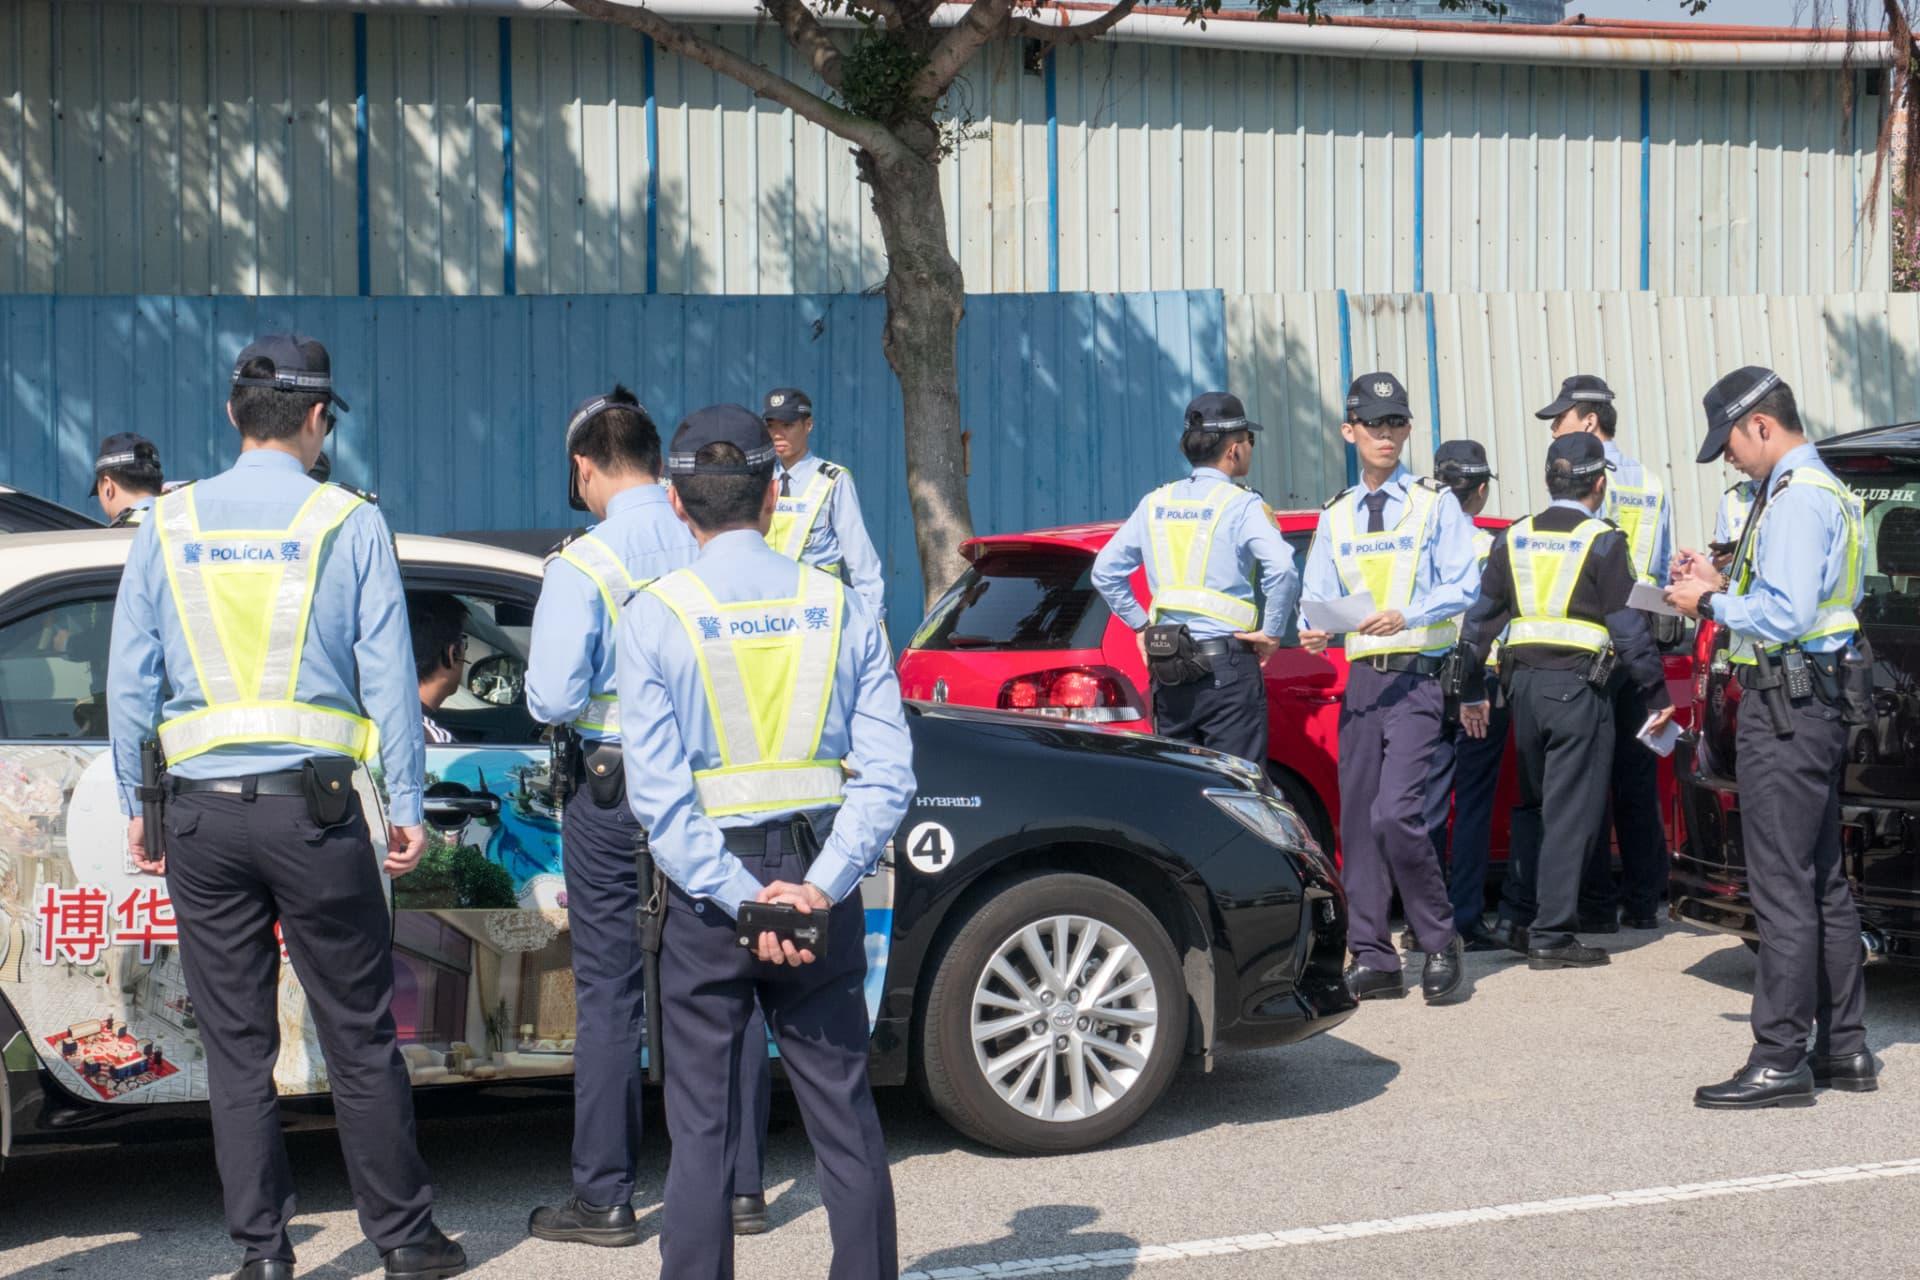 公職會自救會發起慢駛遊行 促撤拖車驗車加價批示 : 論盡媒體 AllAboutMacau Media